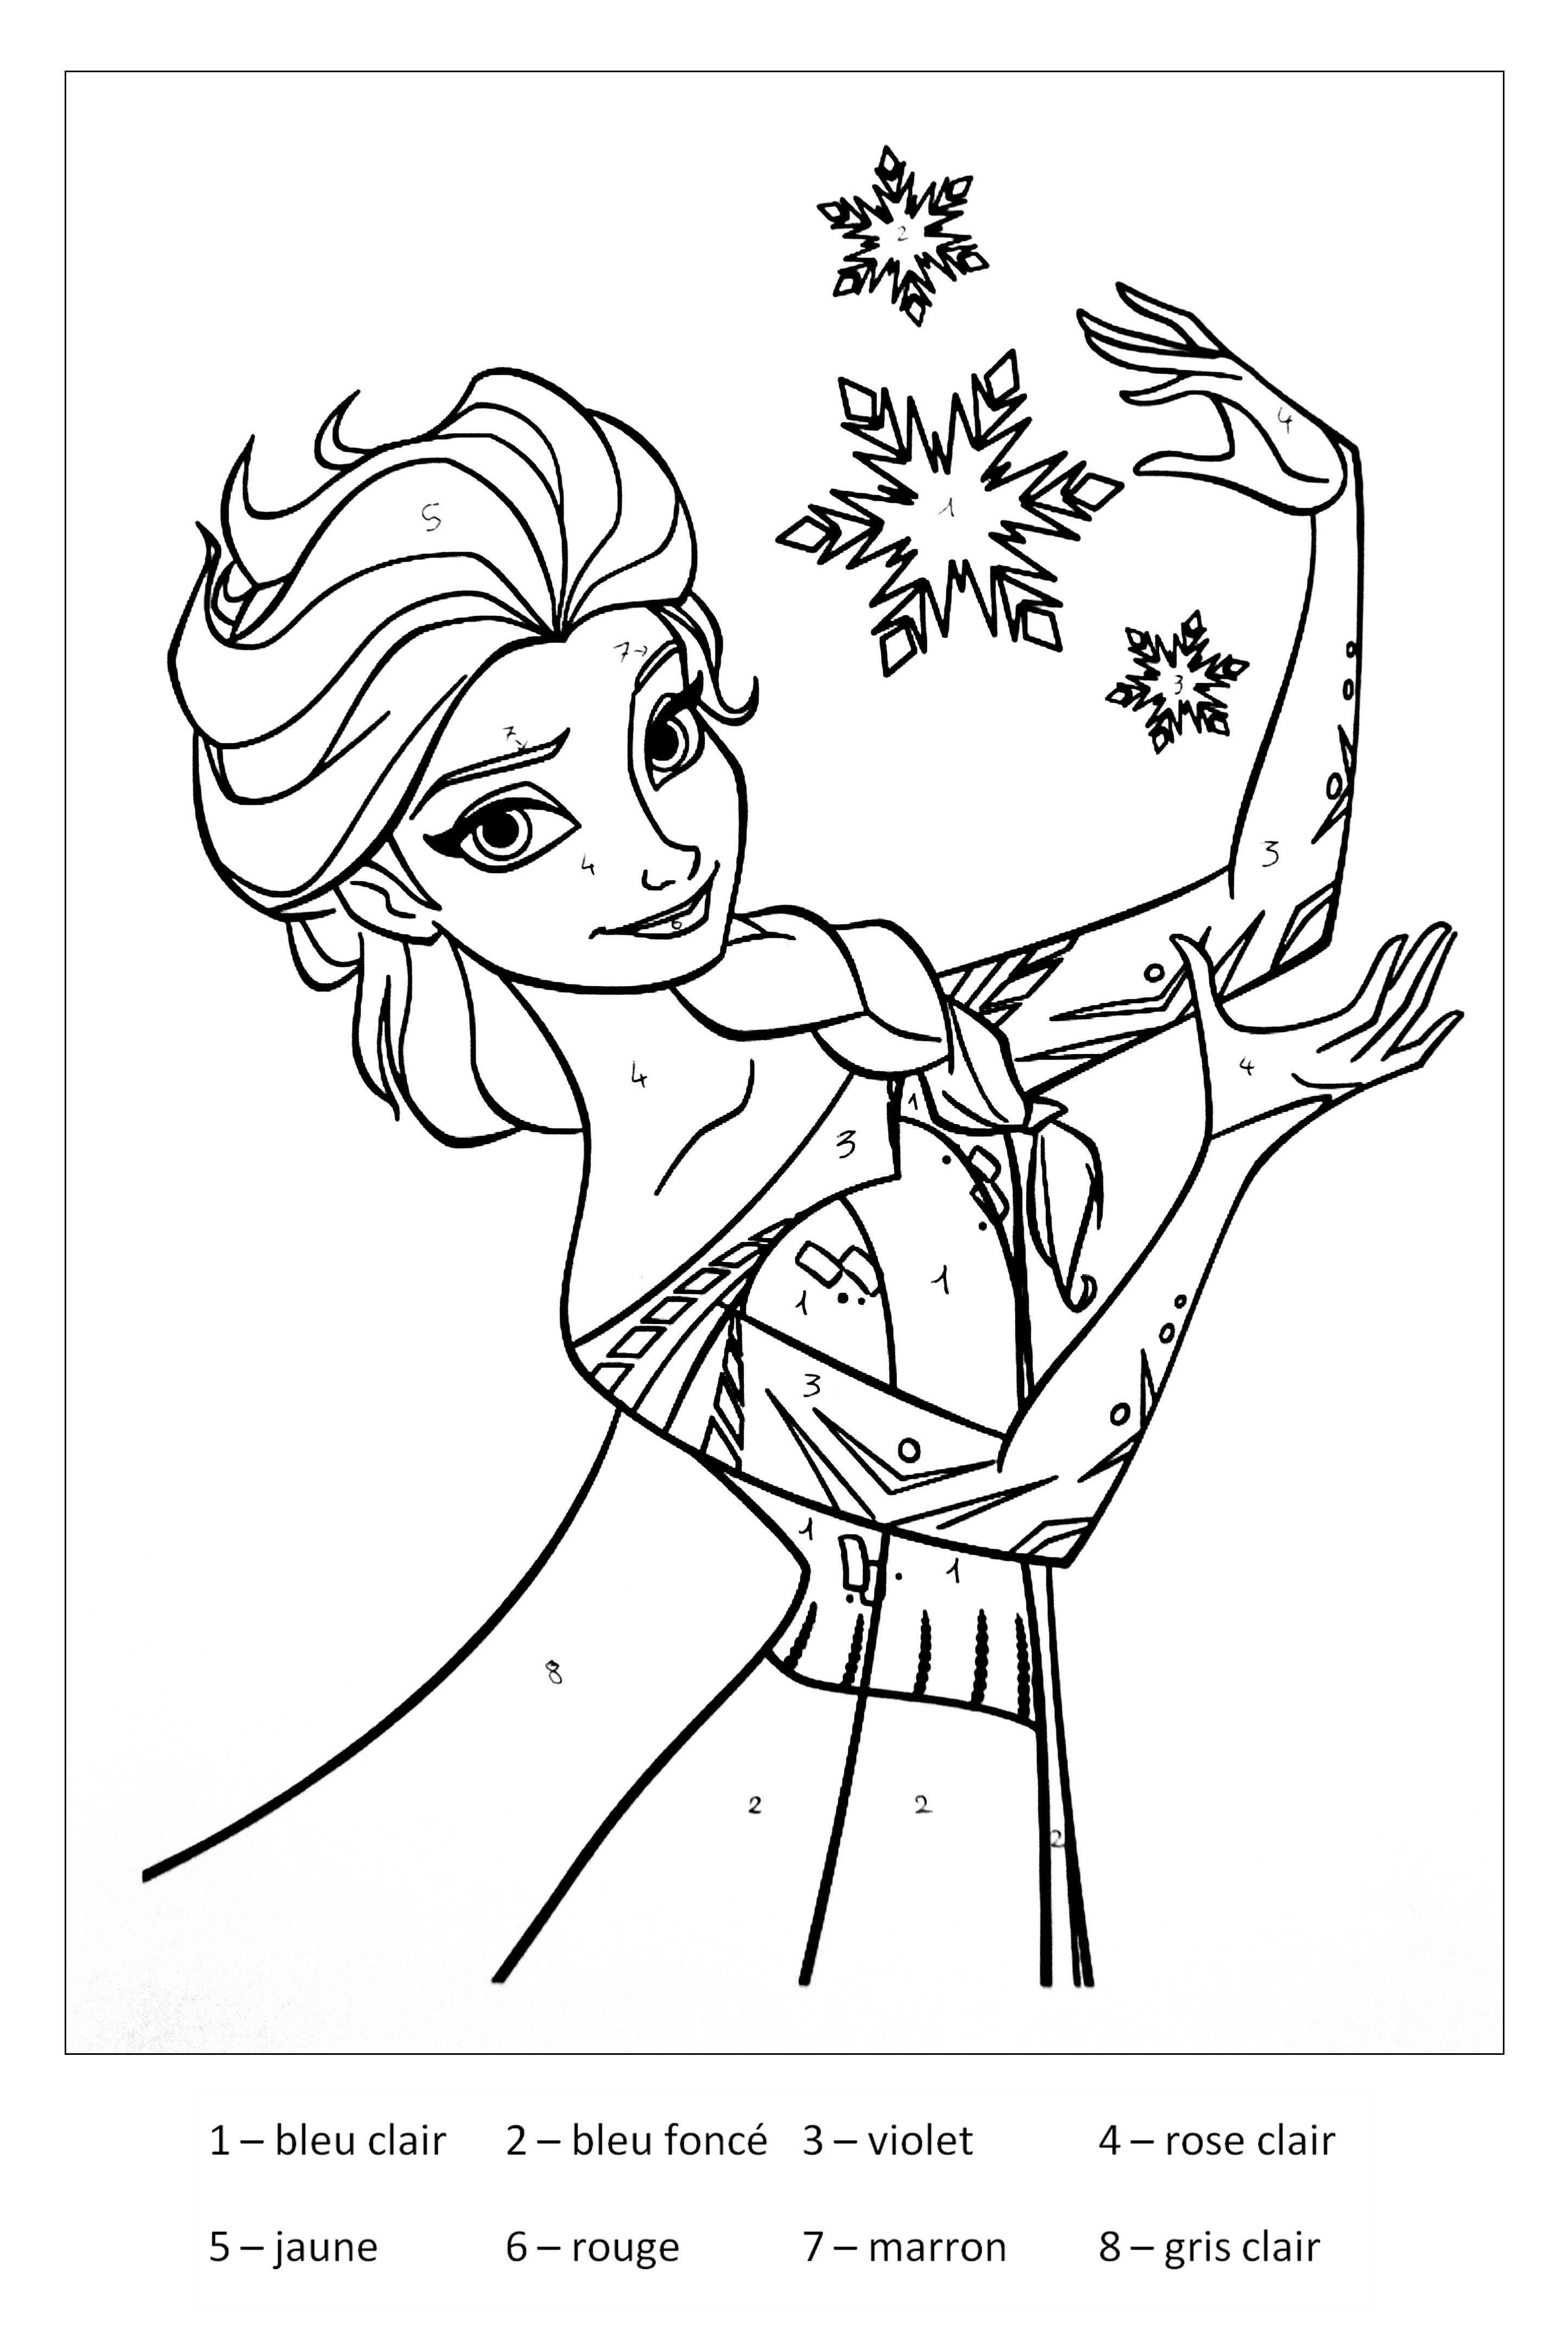 pour imprimer ce coloriage gratuit coloriage magique reine des neiges